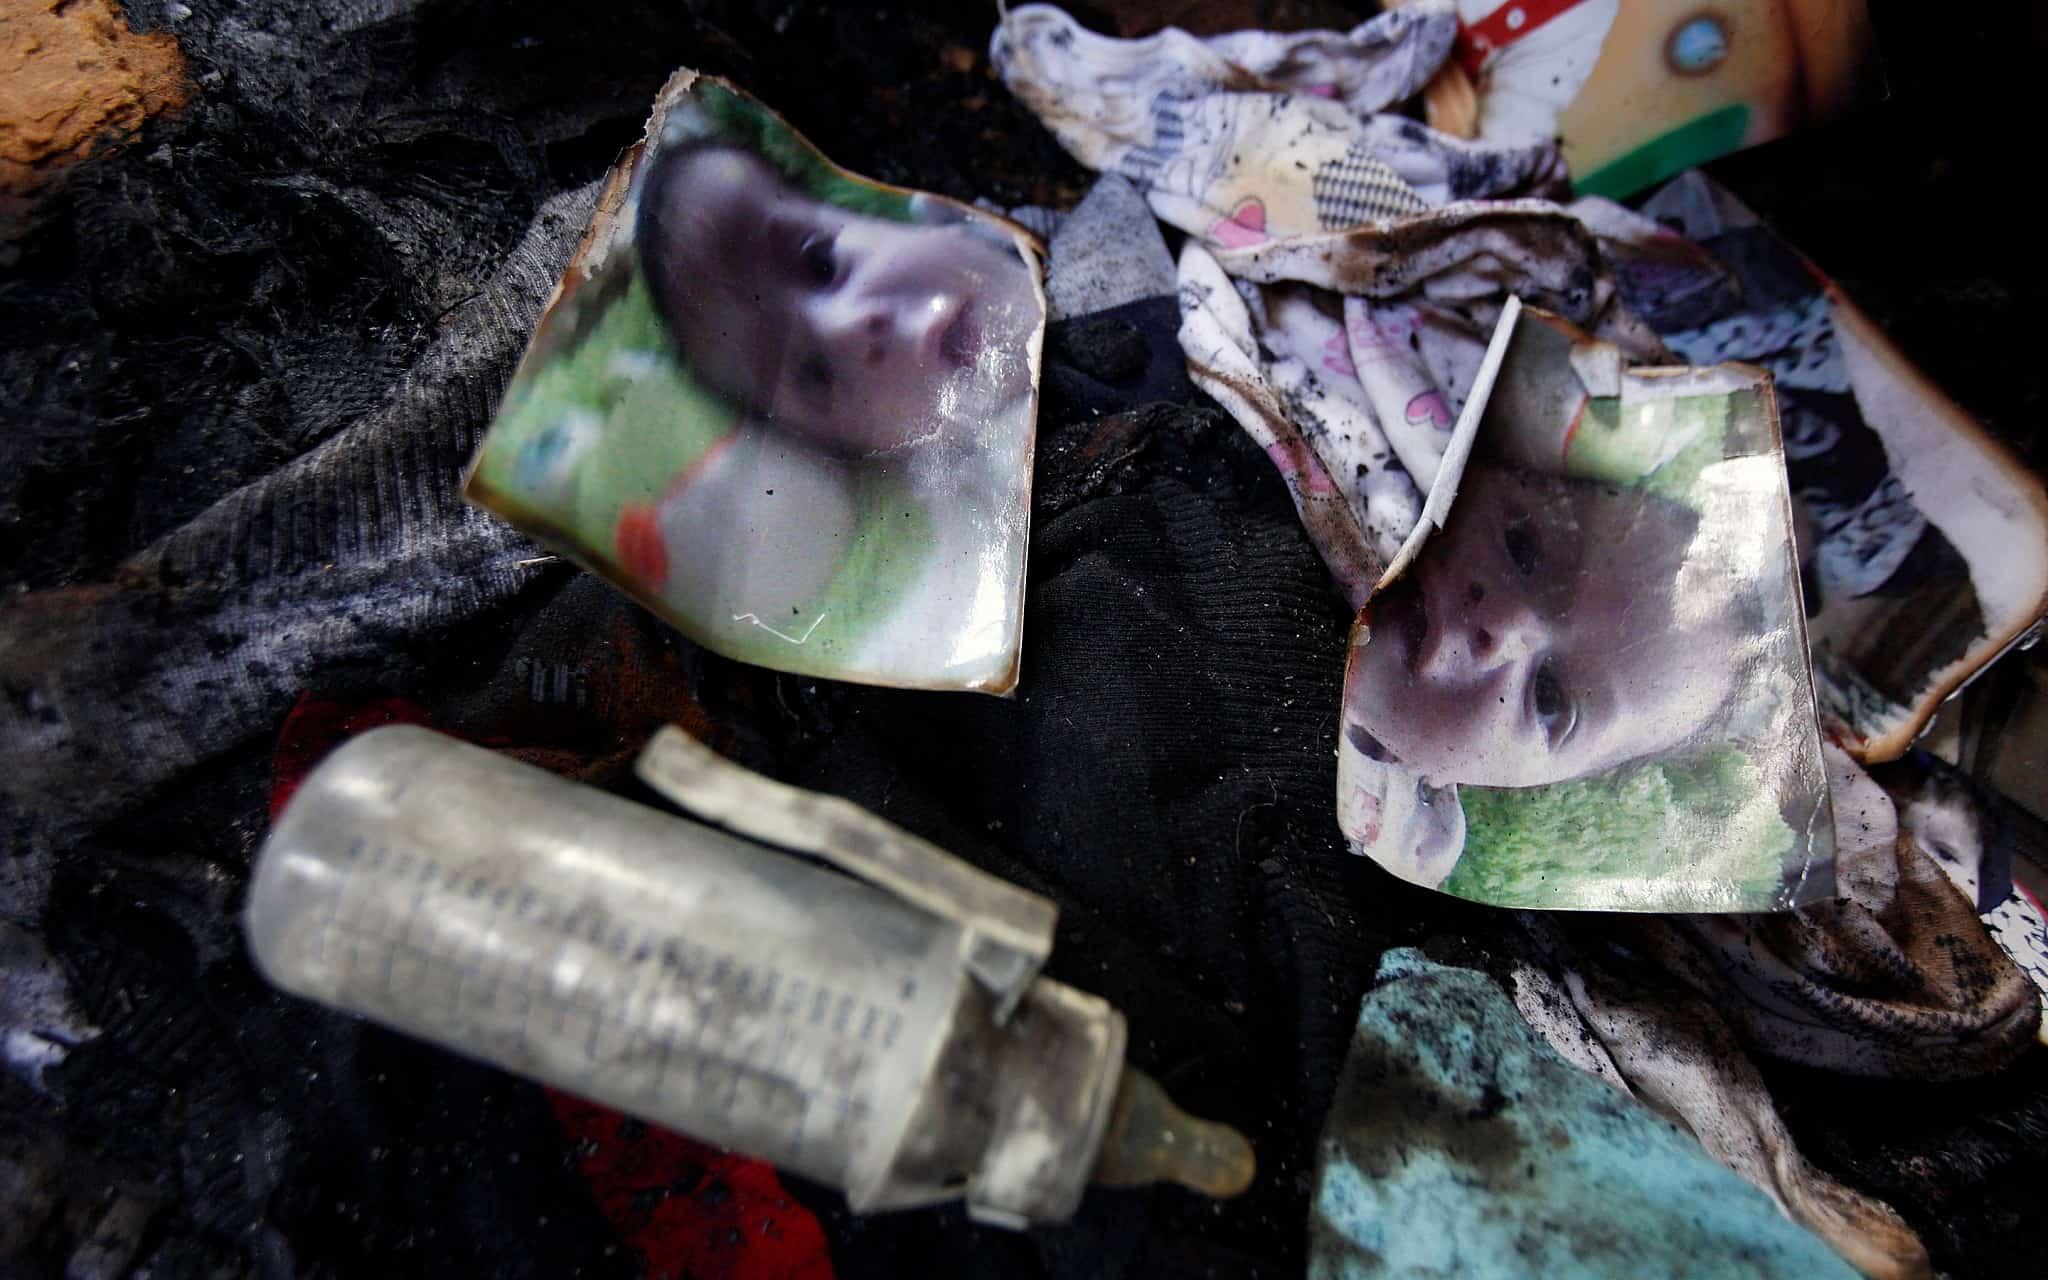 שאריות תמונתו של עלי דוואבשה מוטלות על רצפת הבית השרוף בפיגוע הטרור היהודי בכפר דומא, יולי 2015 (צילום: AP Photo/Majdi Mohammed)